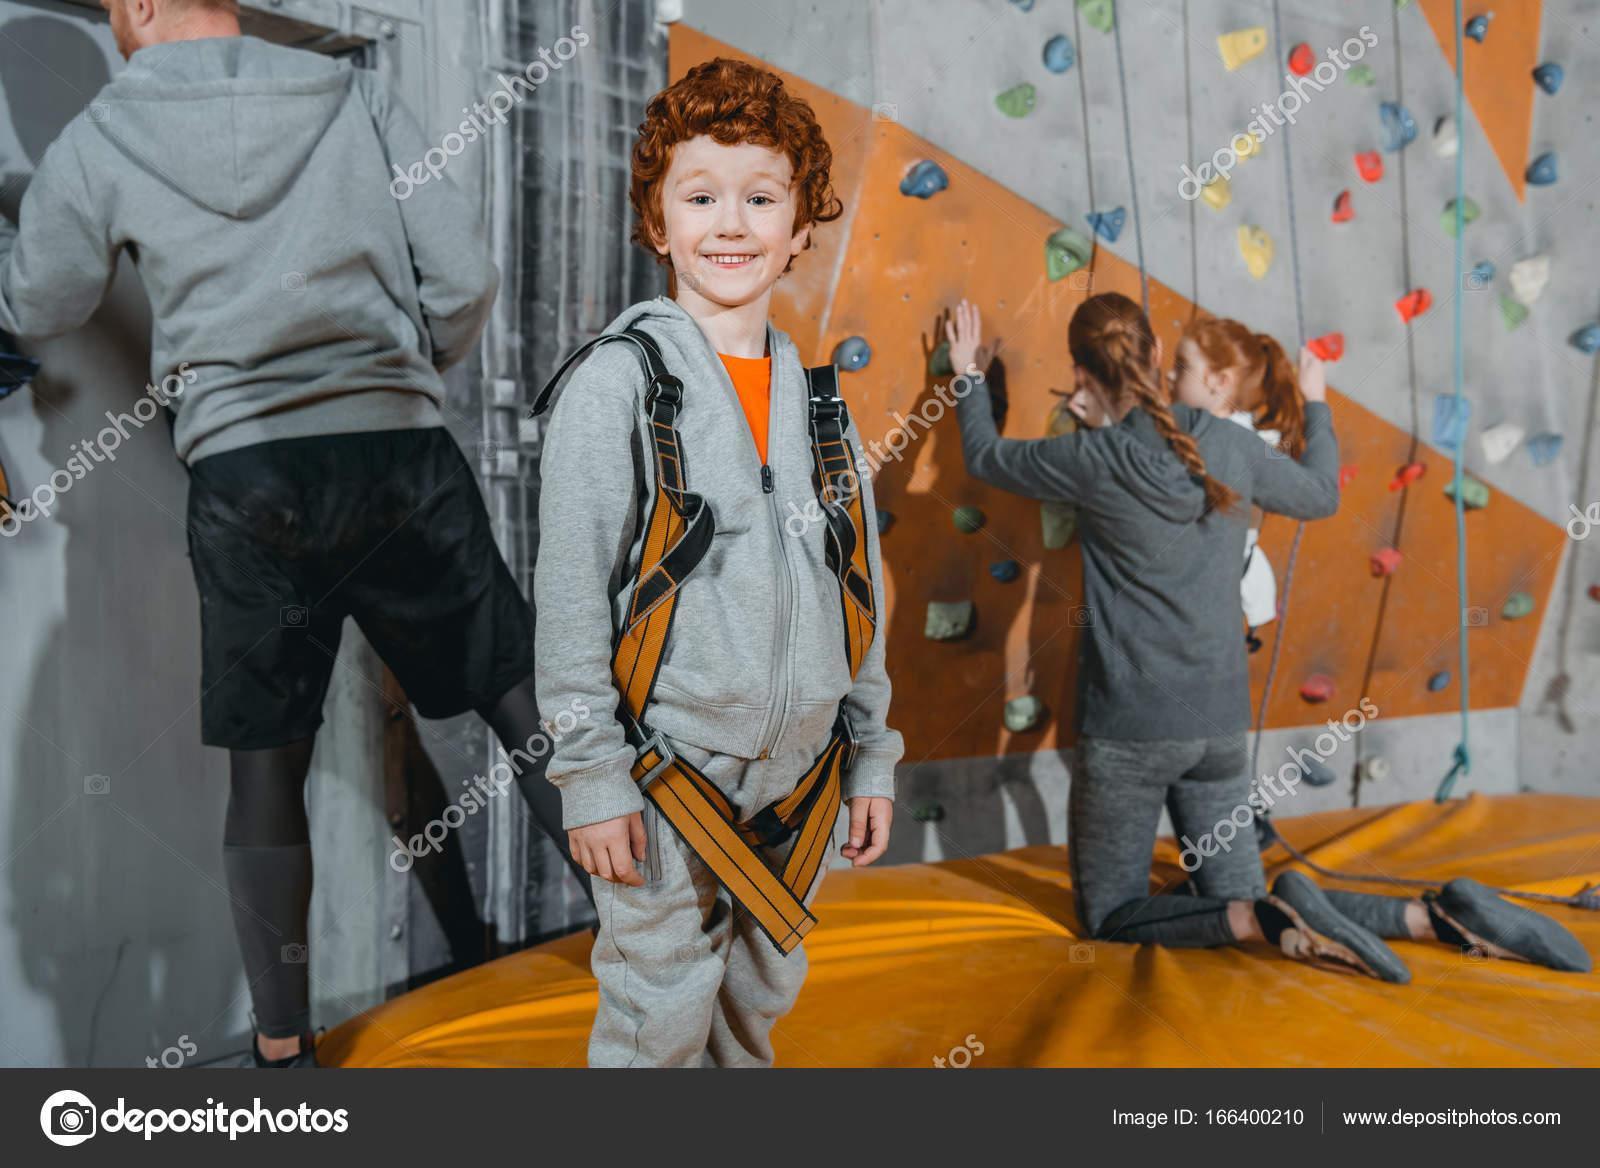 Klettergurt Mädchen : Junge im klettergurt in turnhalle u stockfoto arturverkhovetskiy